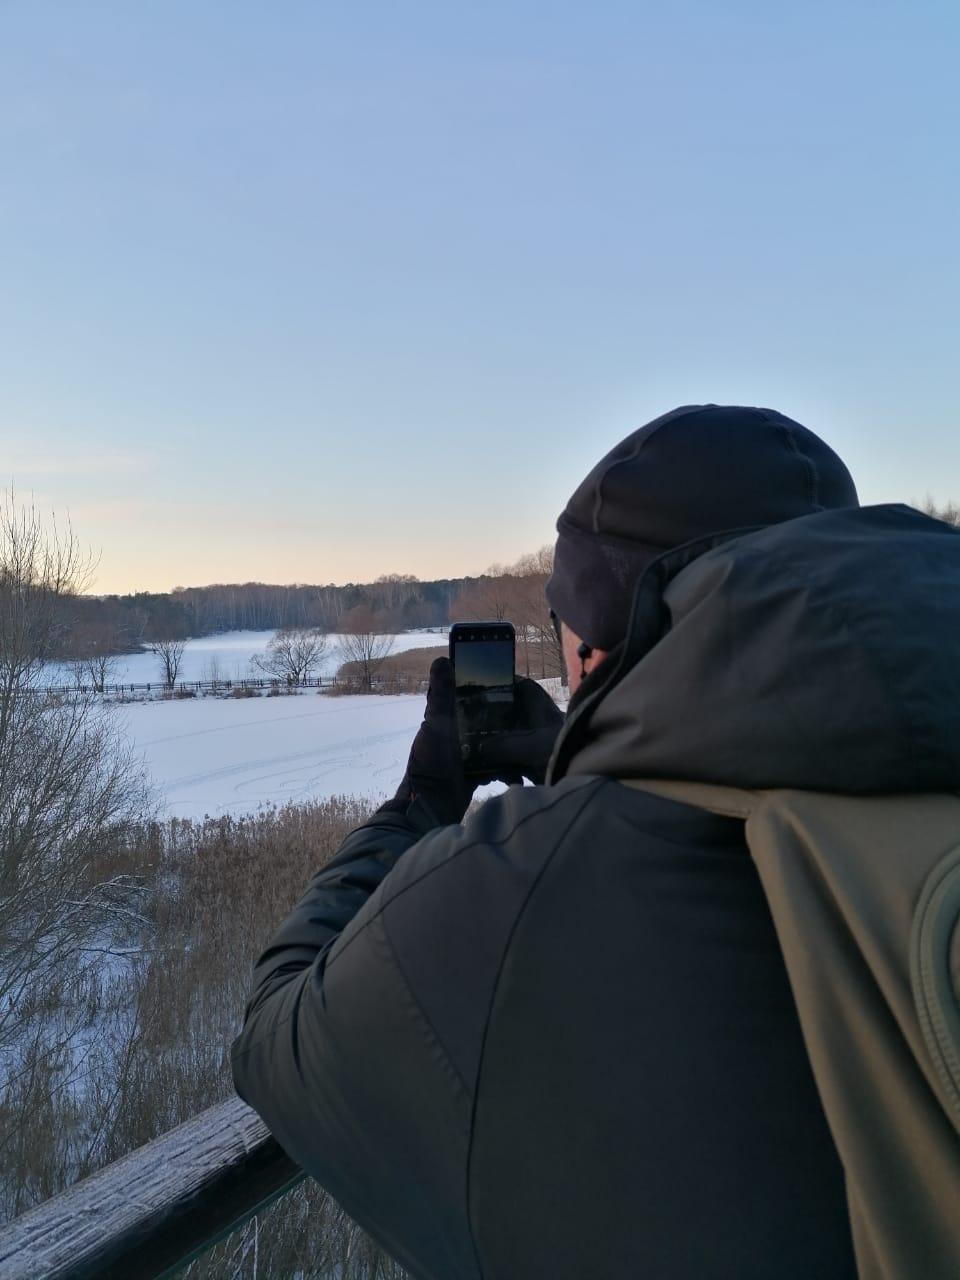 Фотографирую Бездонное озеро со смотровой вышки в Серебряном Бору.